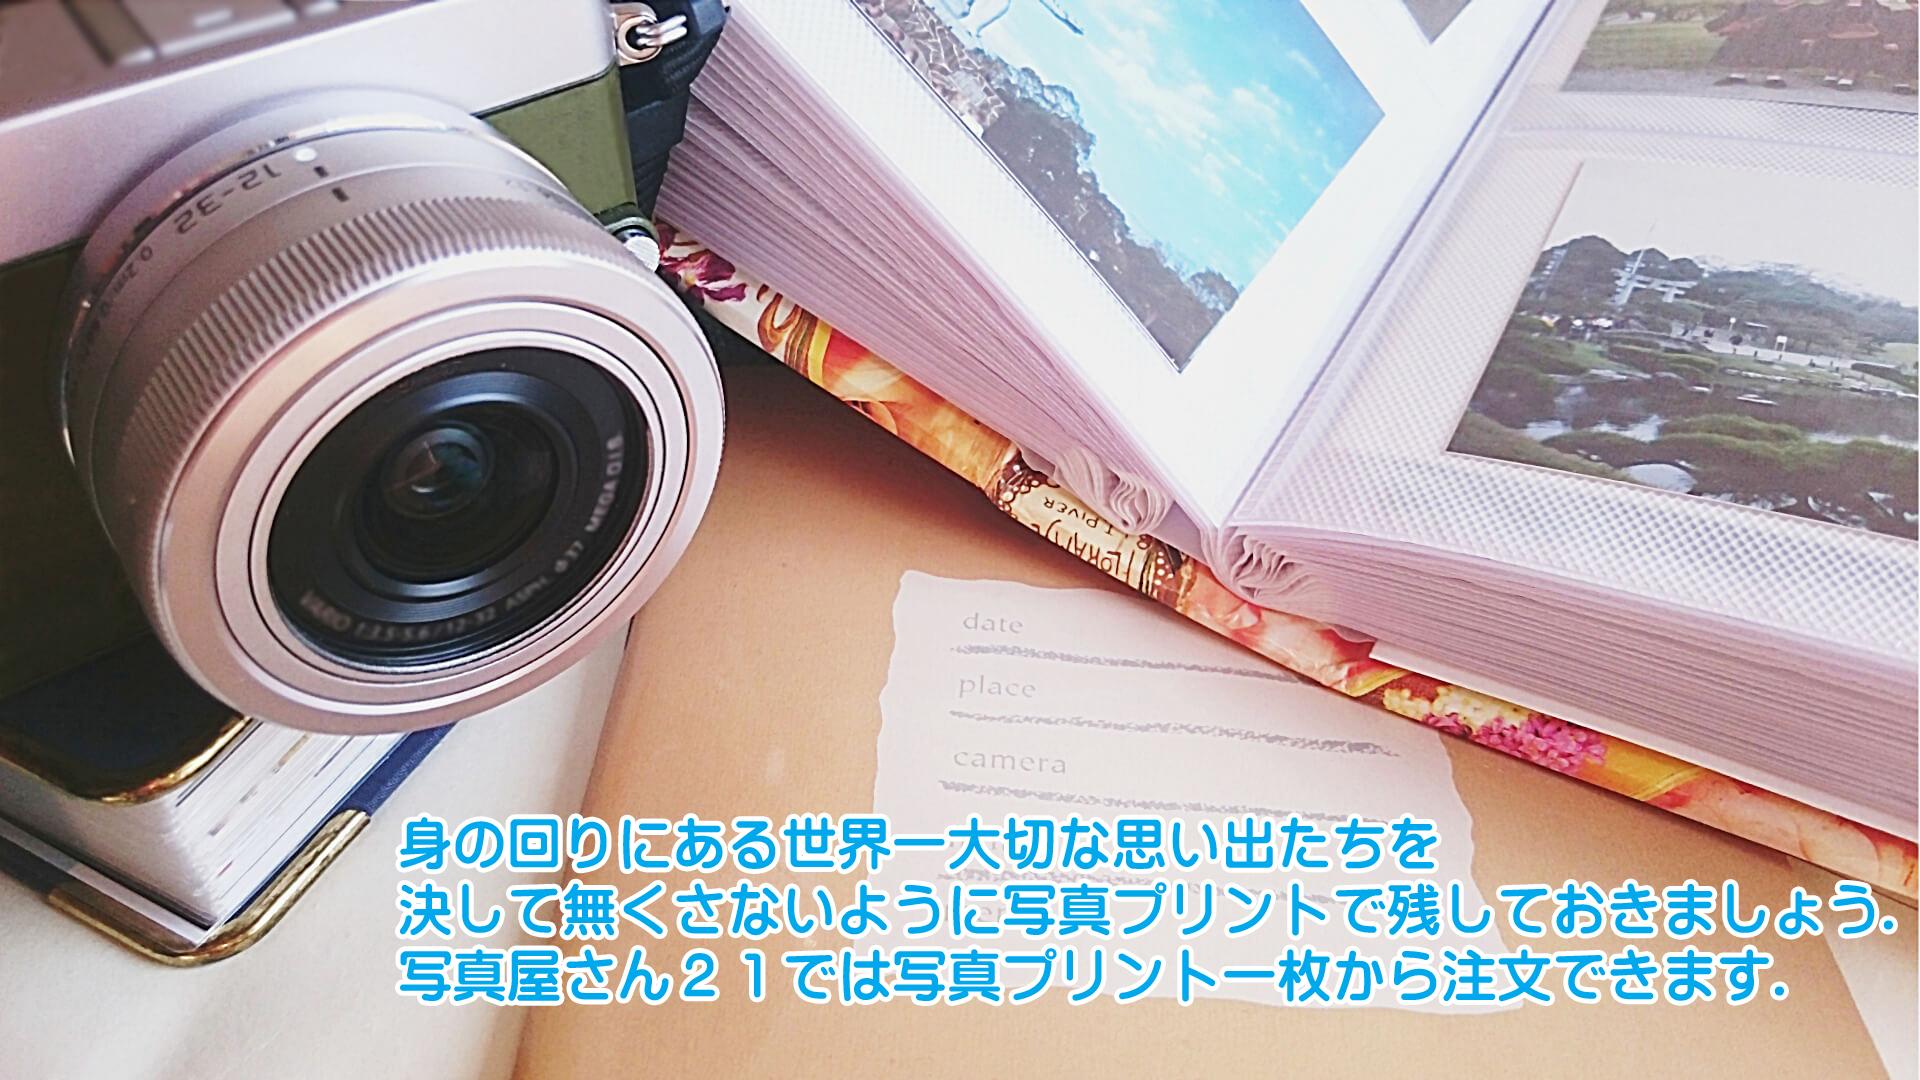 写真は保存がとても大事プリント保存で一生の思い出に